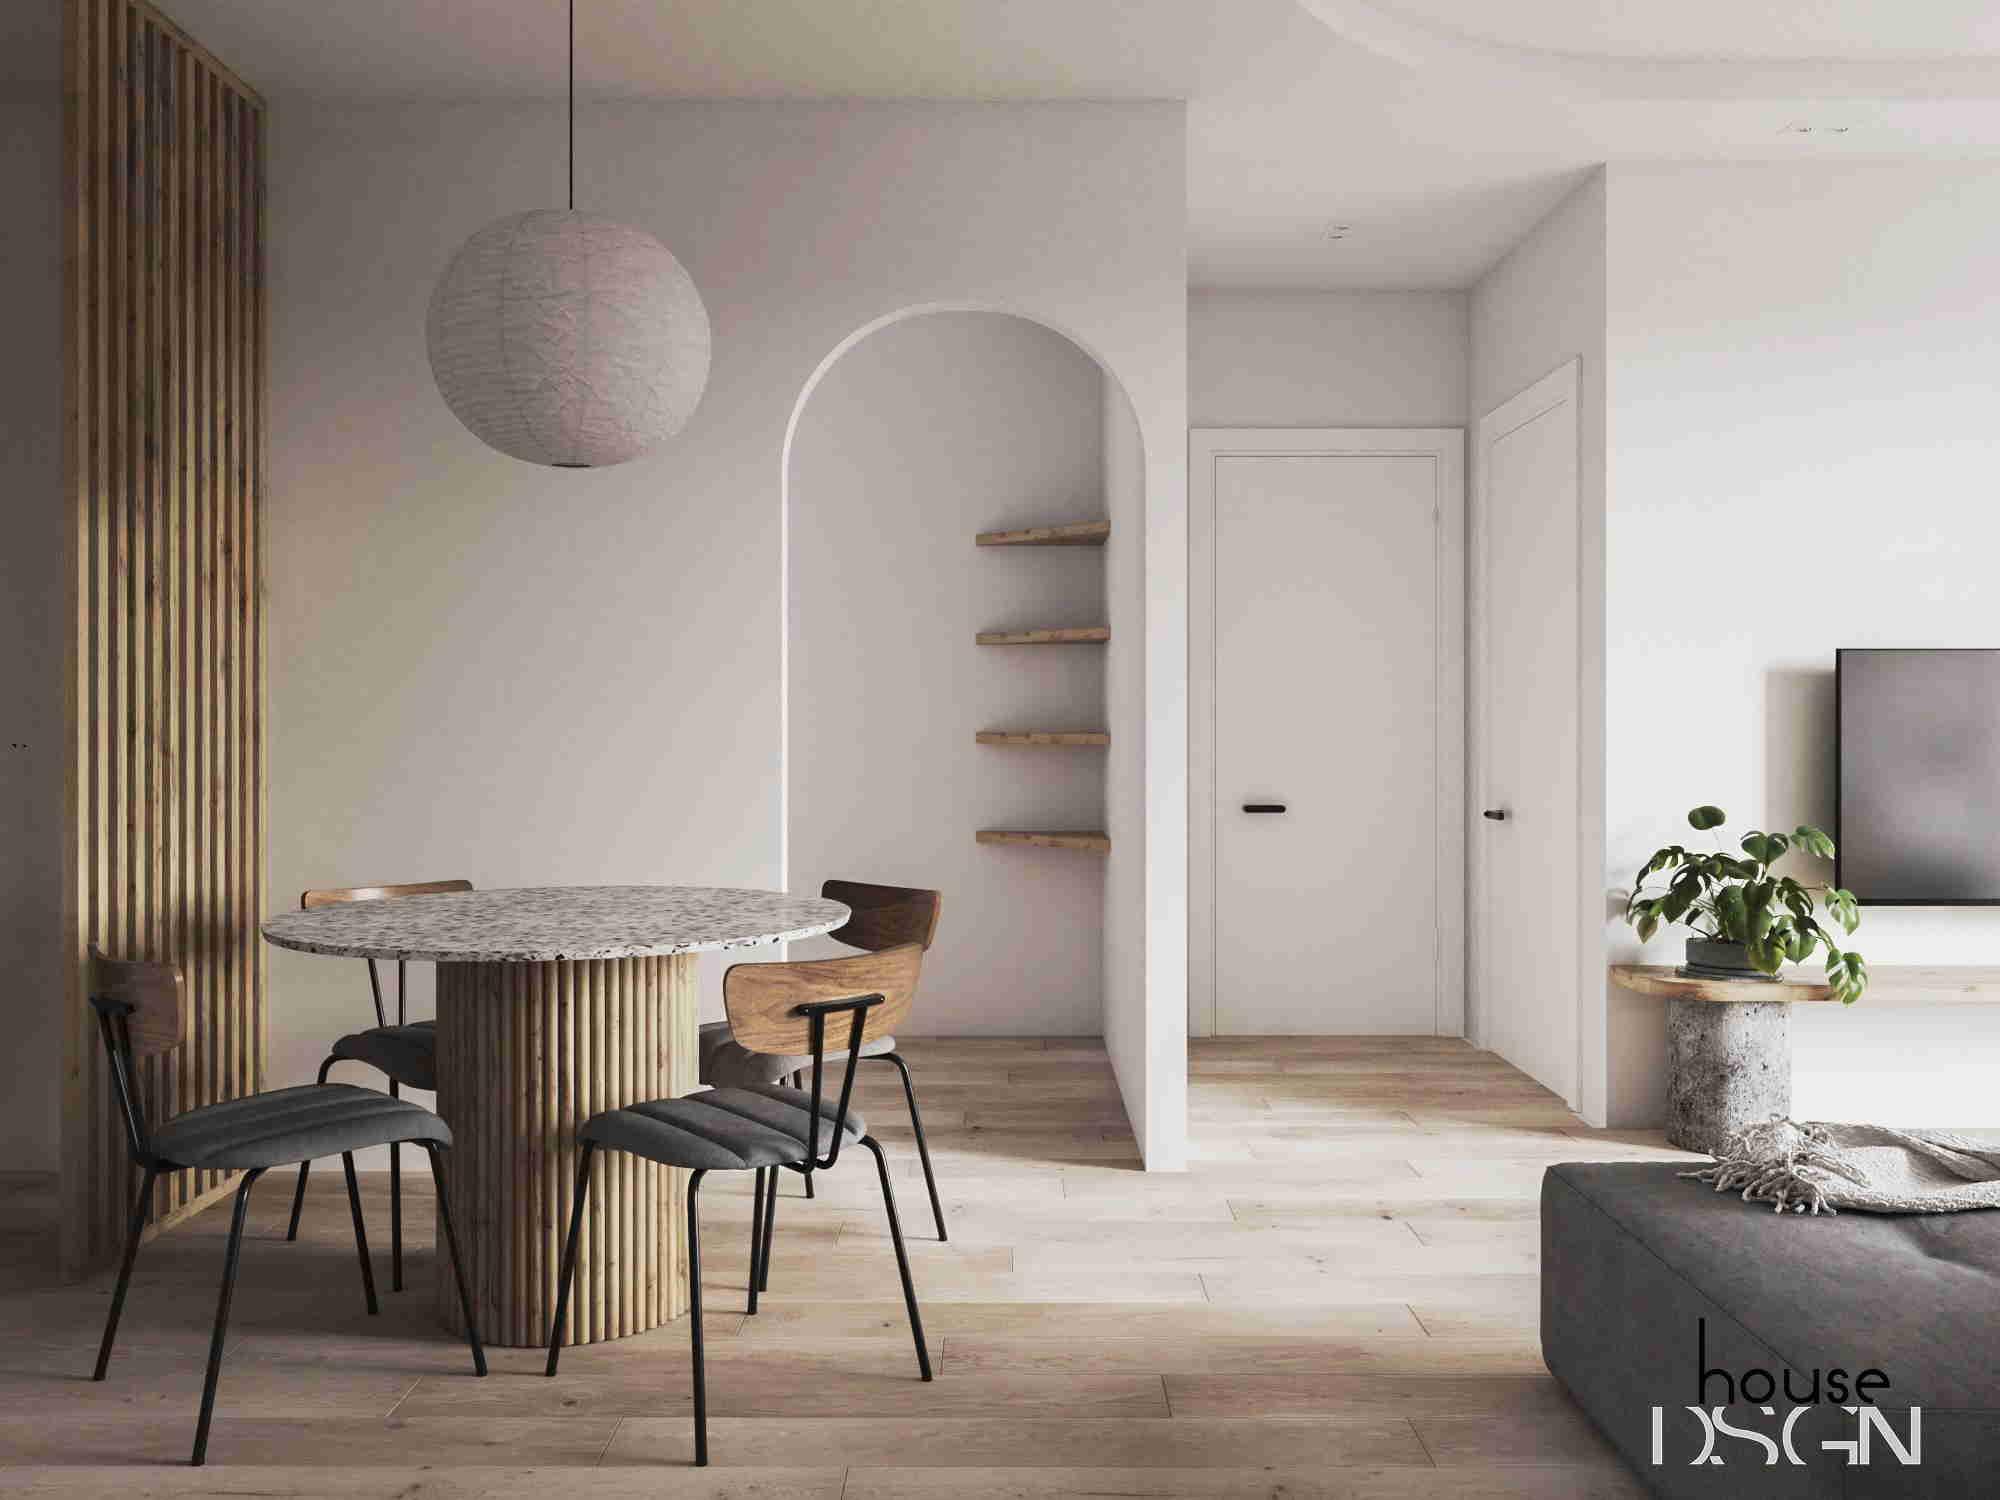 thiết kế nội thất cho căn hộ chung cư 45m2 đẹp